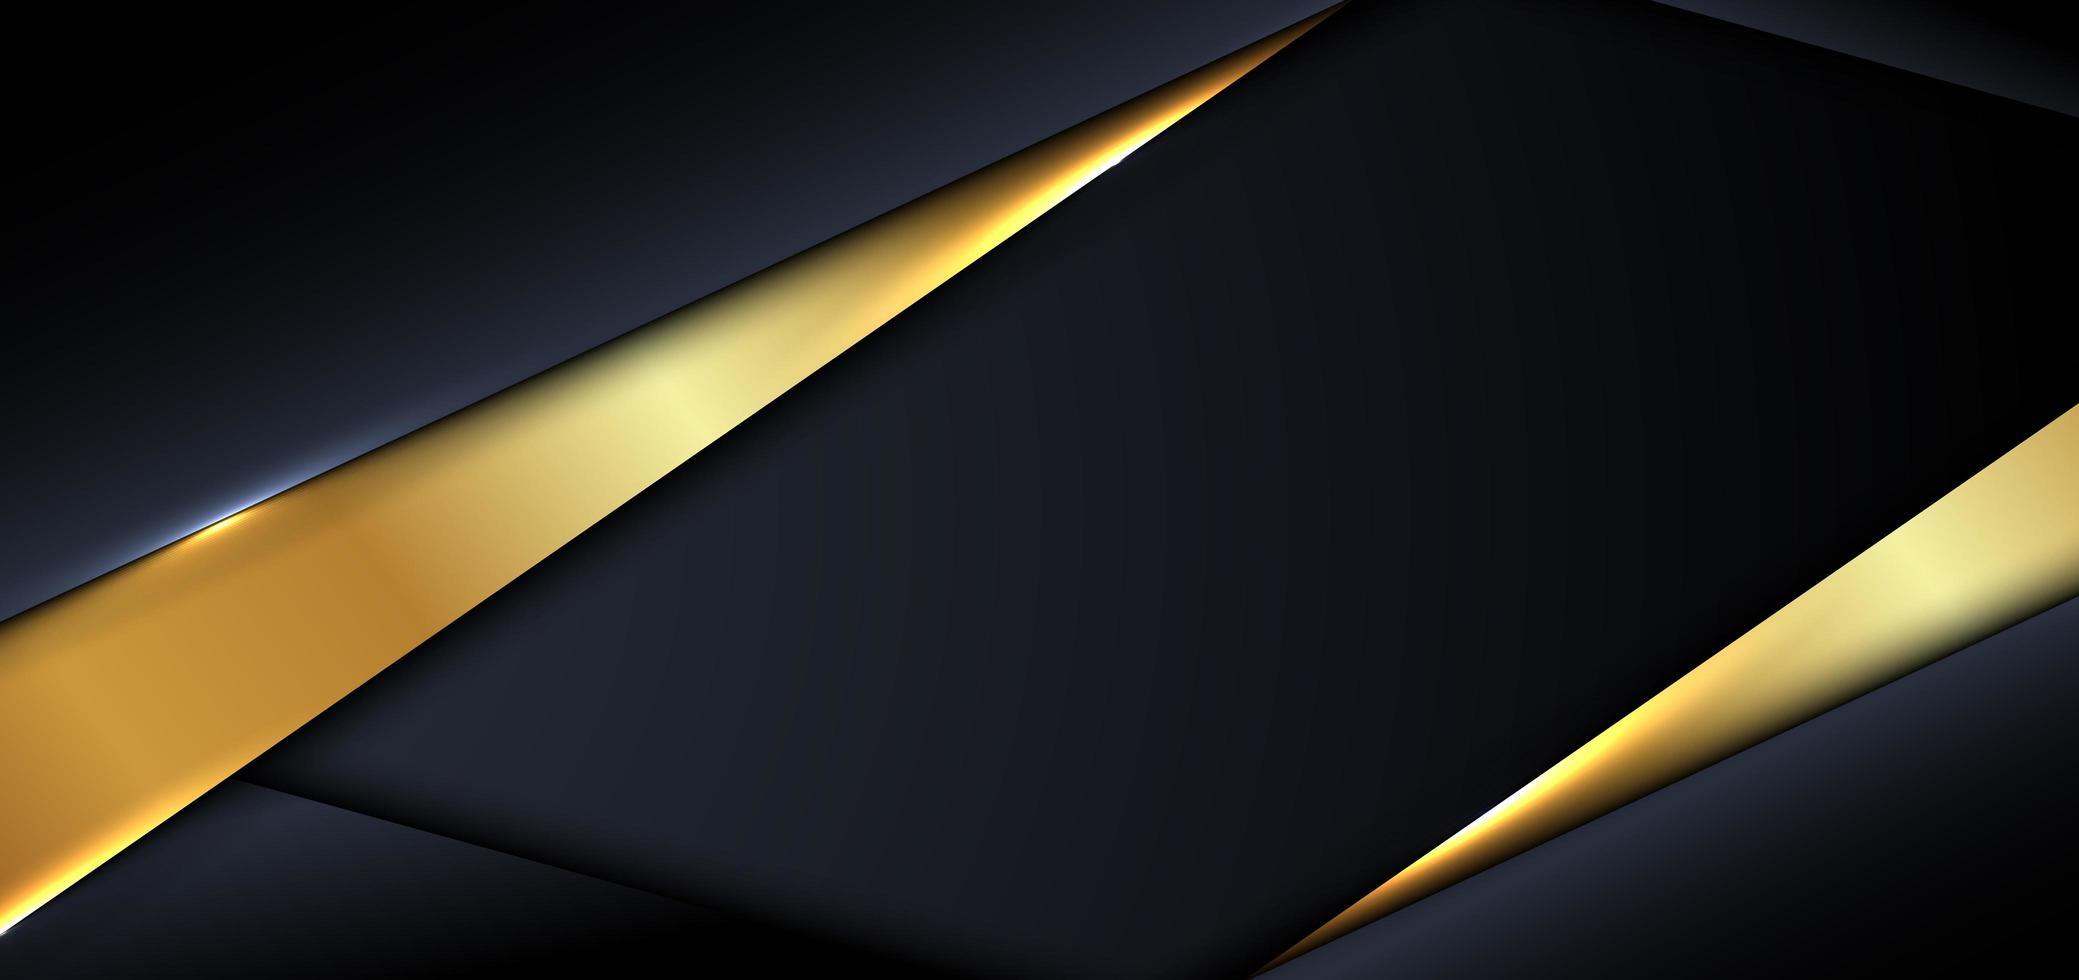 abstrakt banner formgivningsmall vektor